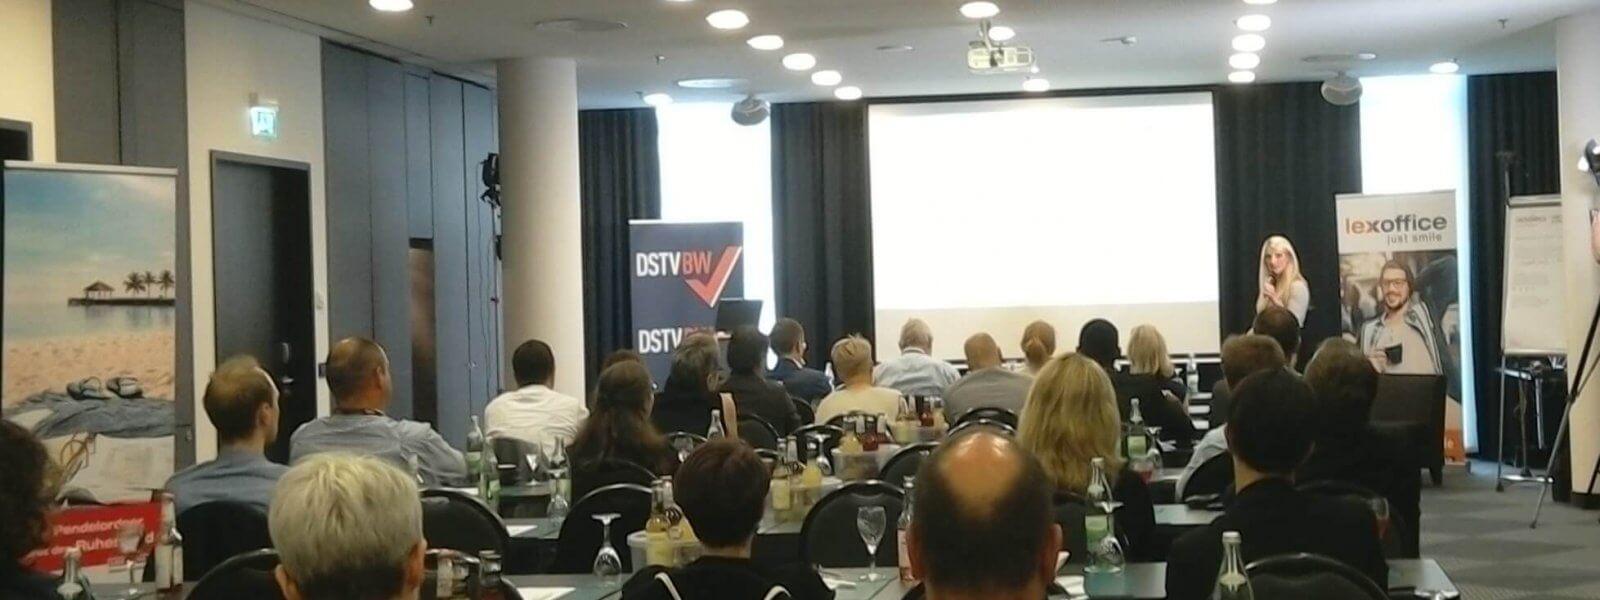 lexoffice New Work Forum 2018 in Stuttgart am 8. Mai